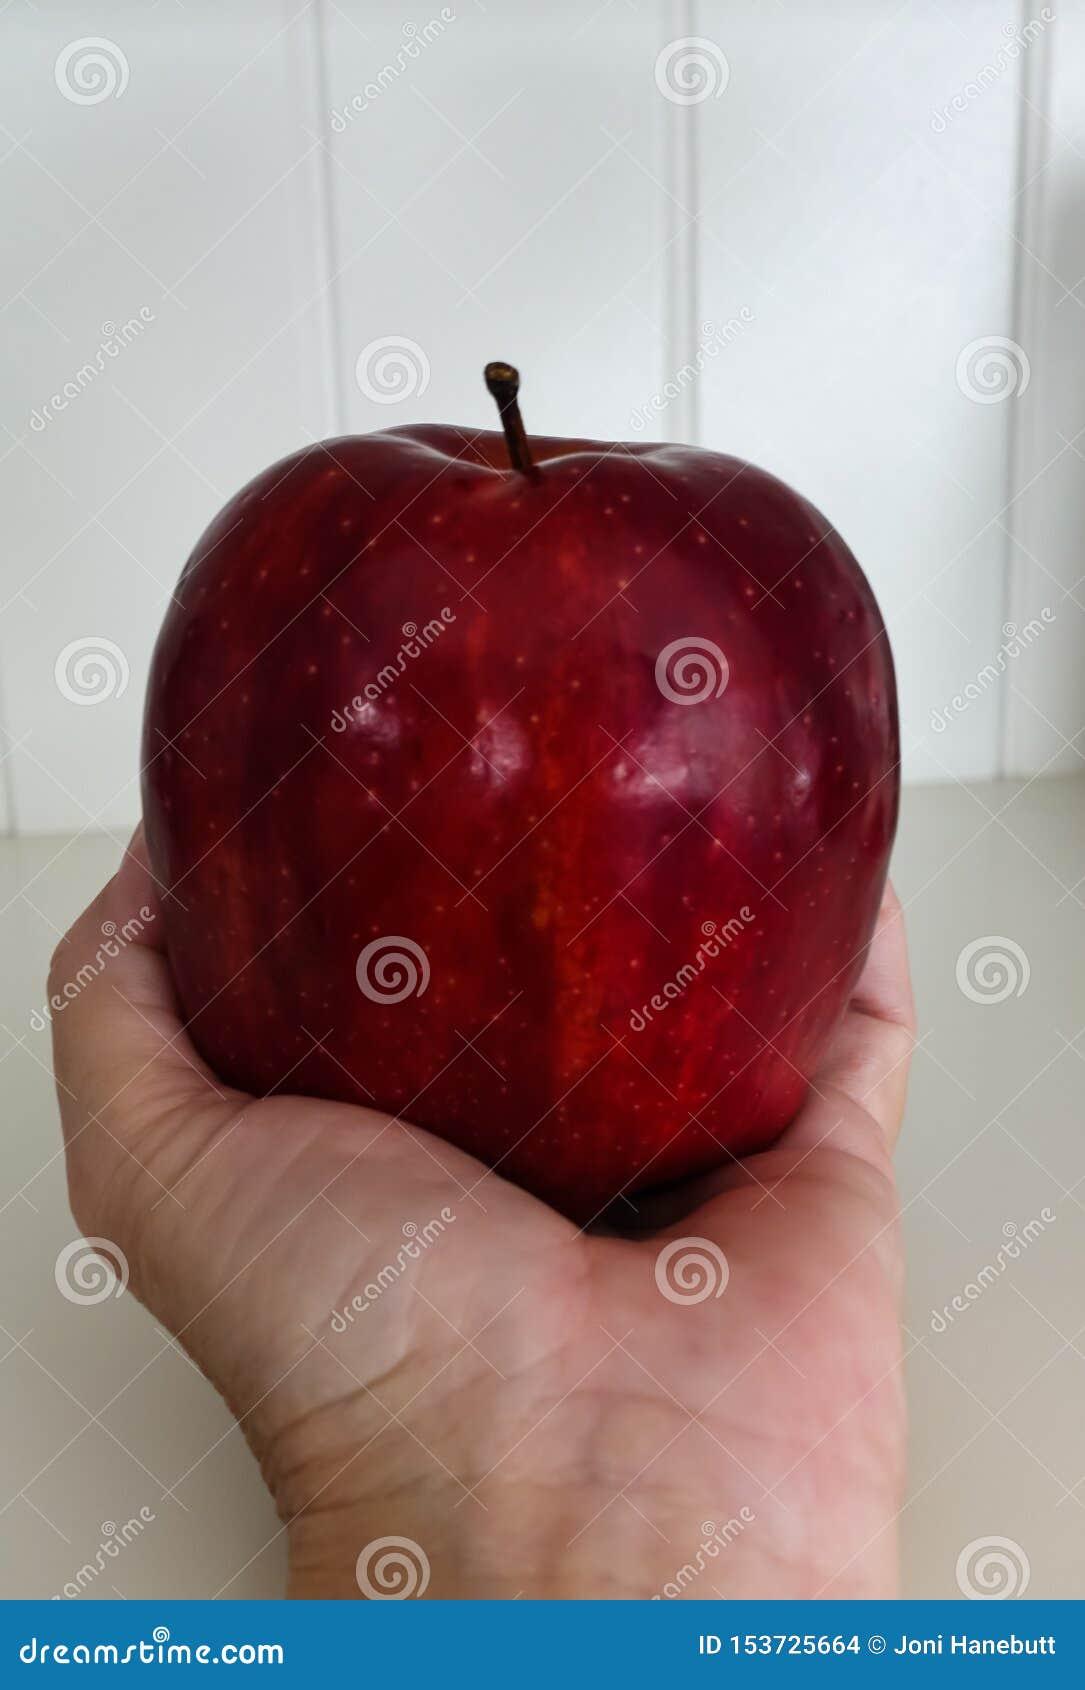 Vermelho - maçã deliciosa realizada em uma mão